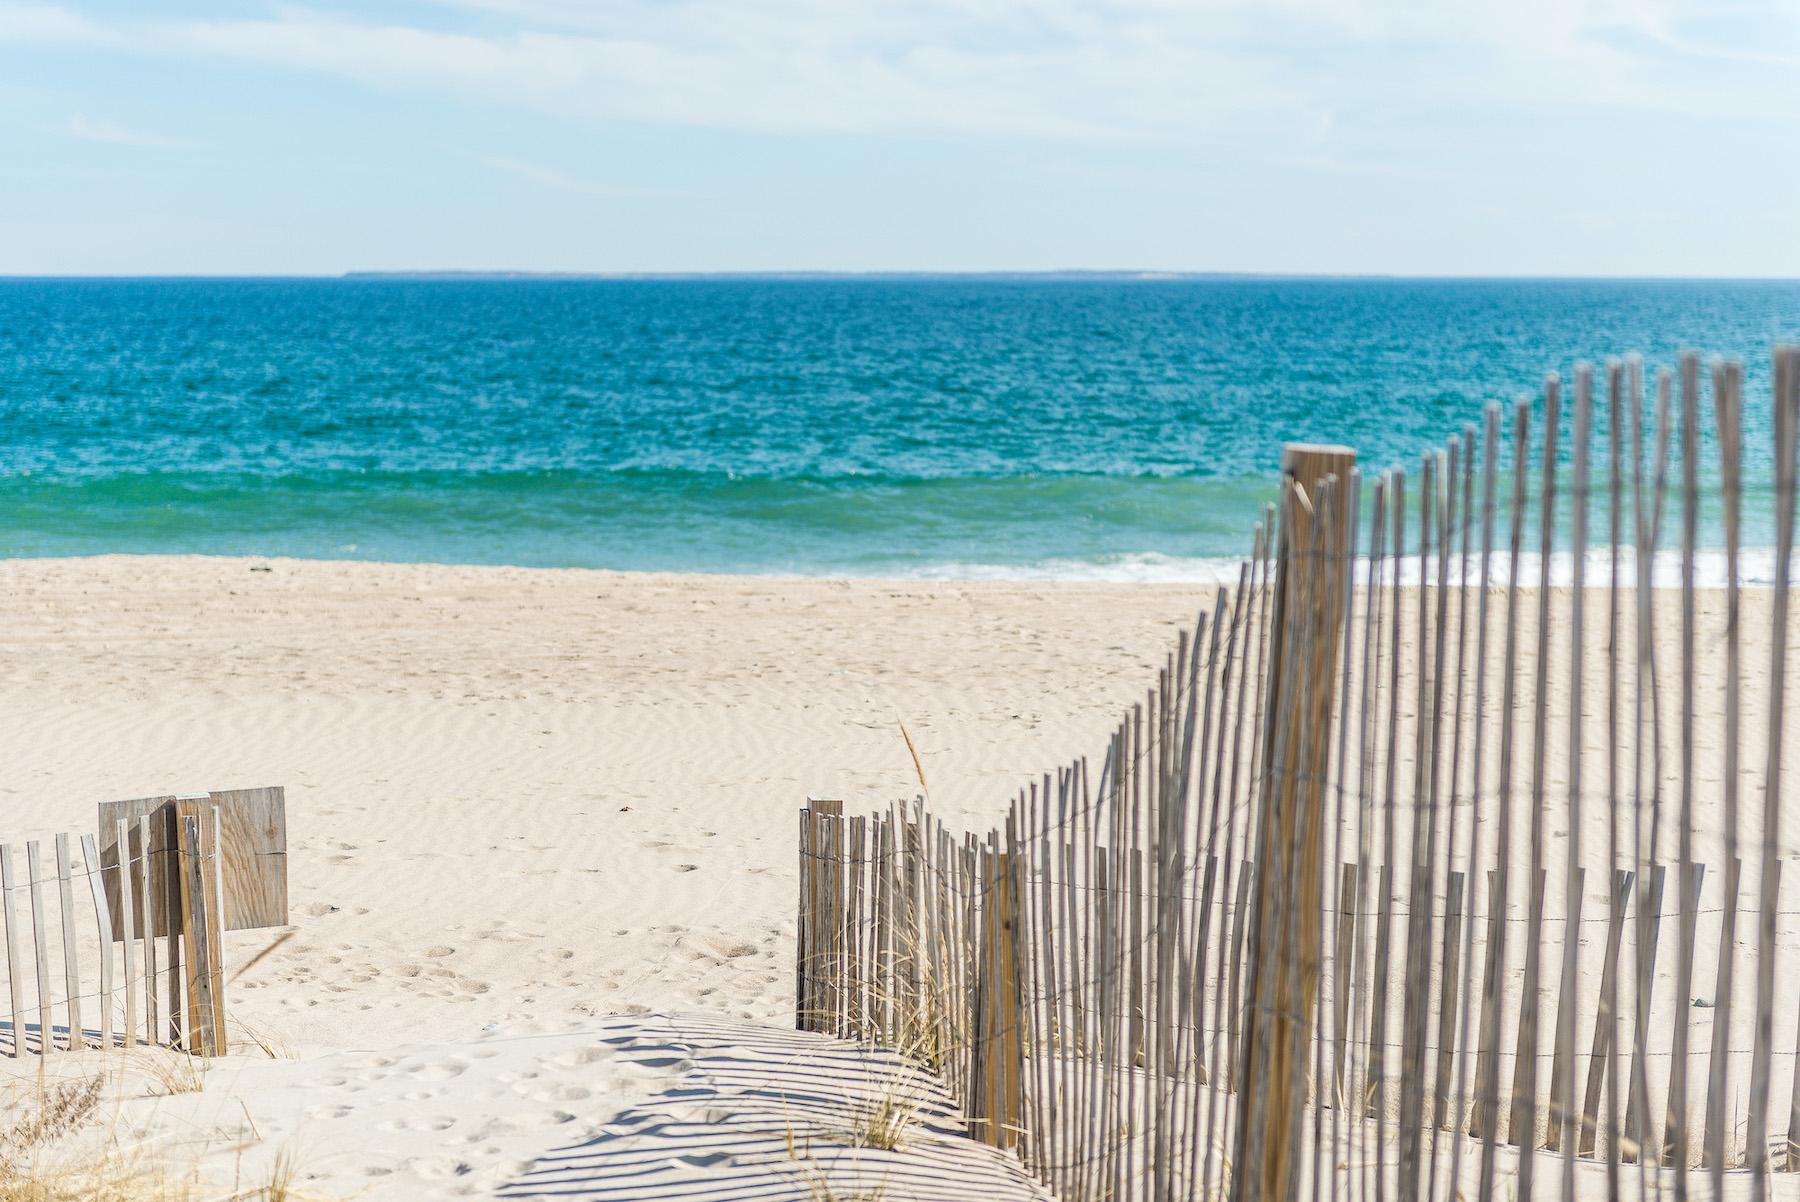 ext_beach&waves_002 (1)